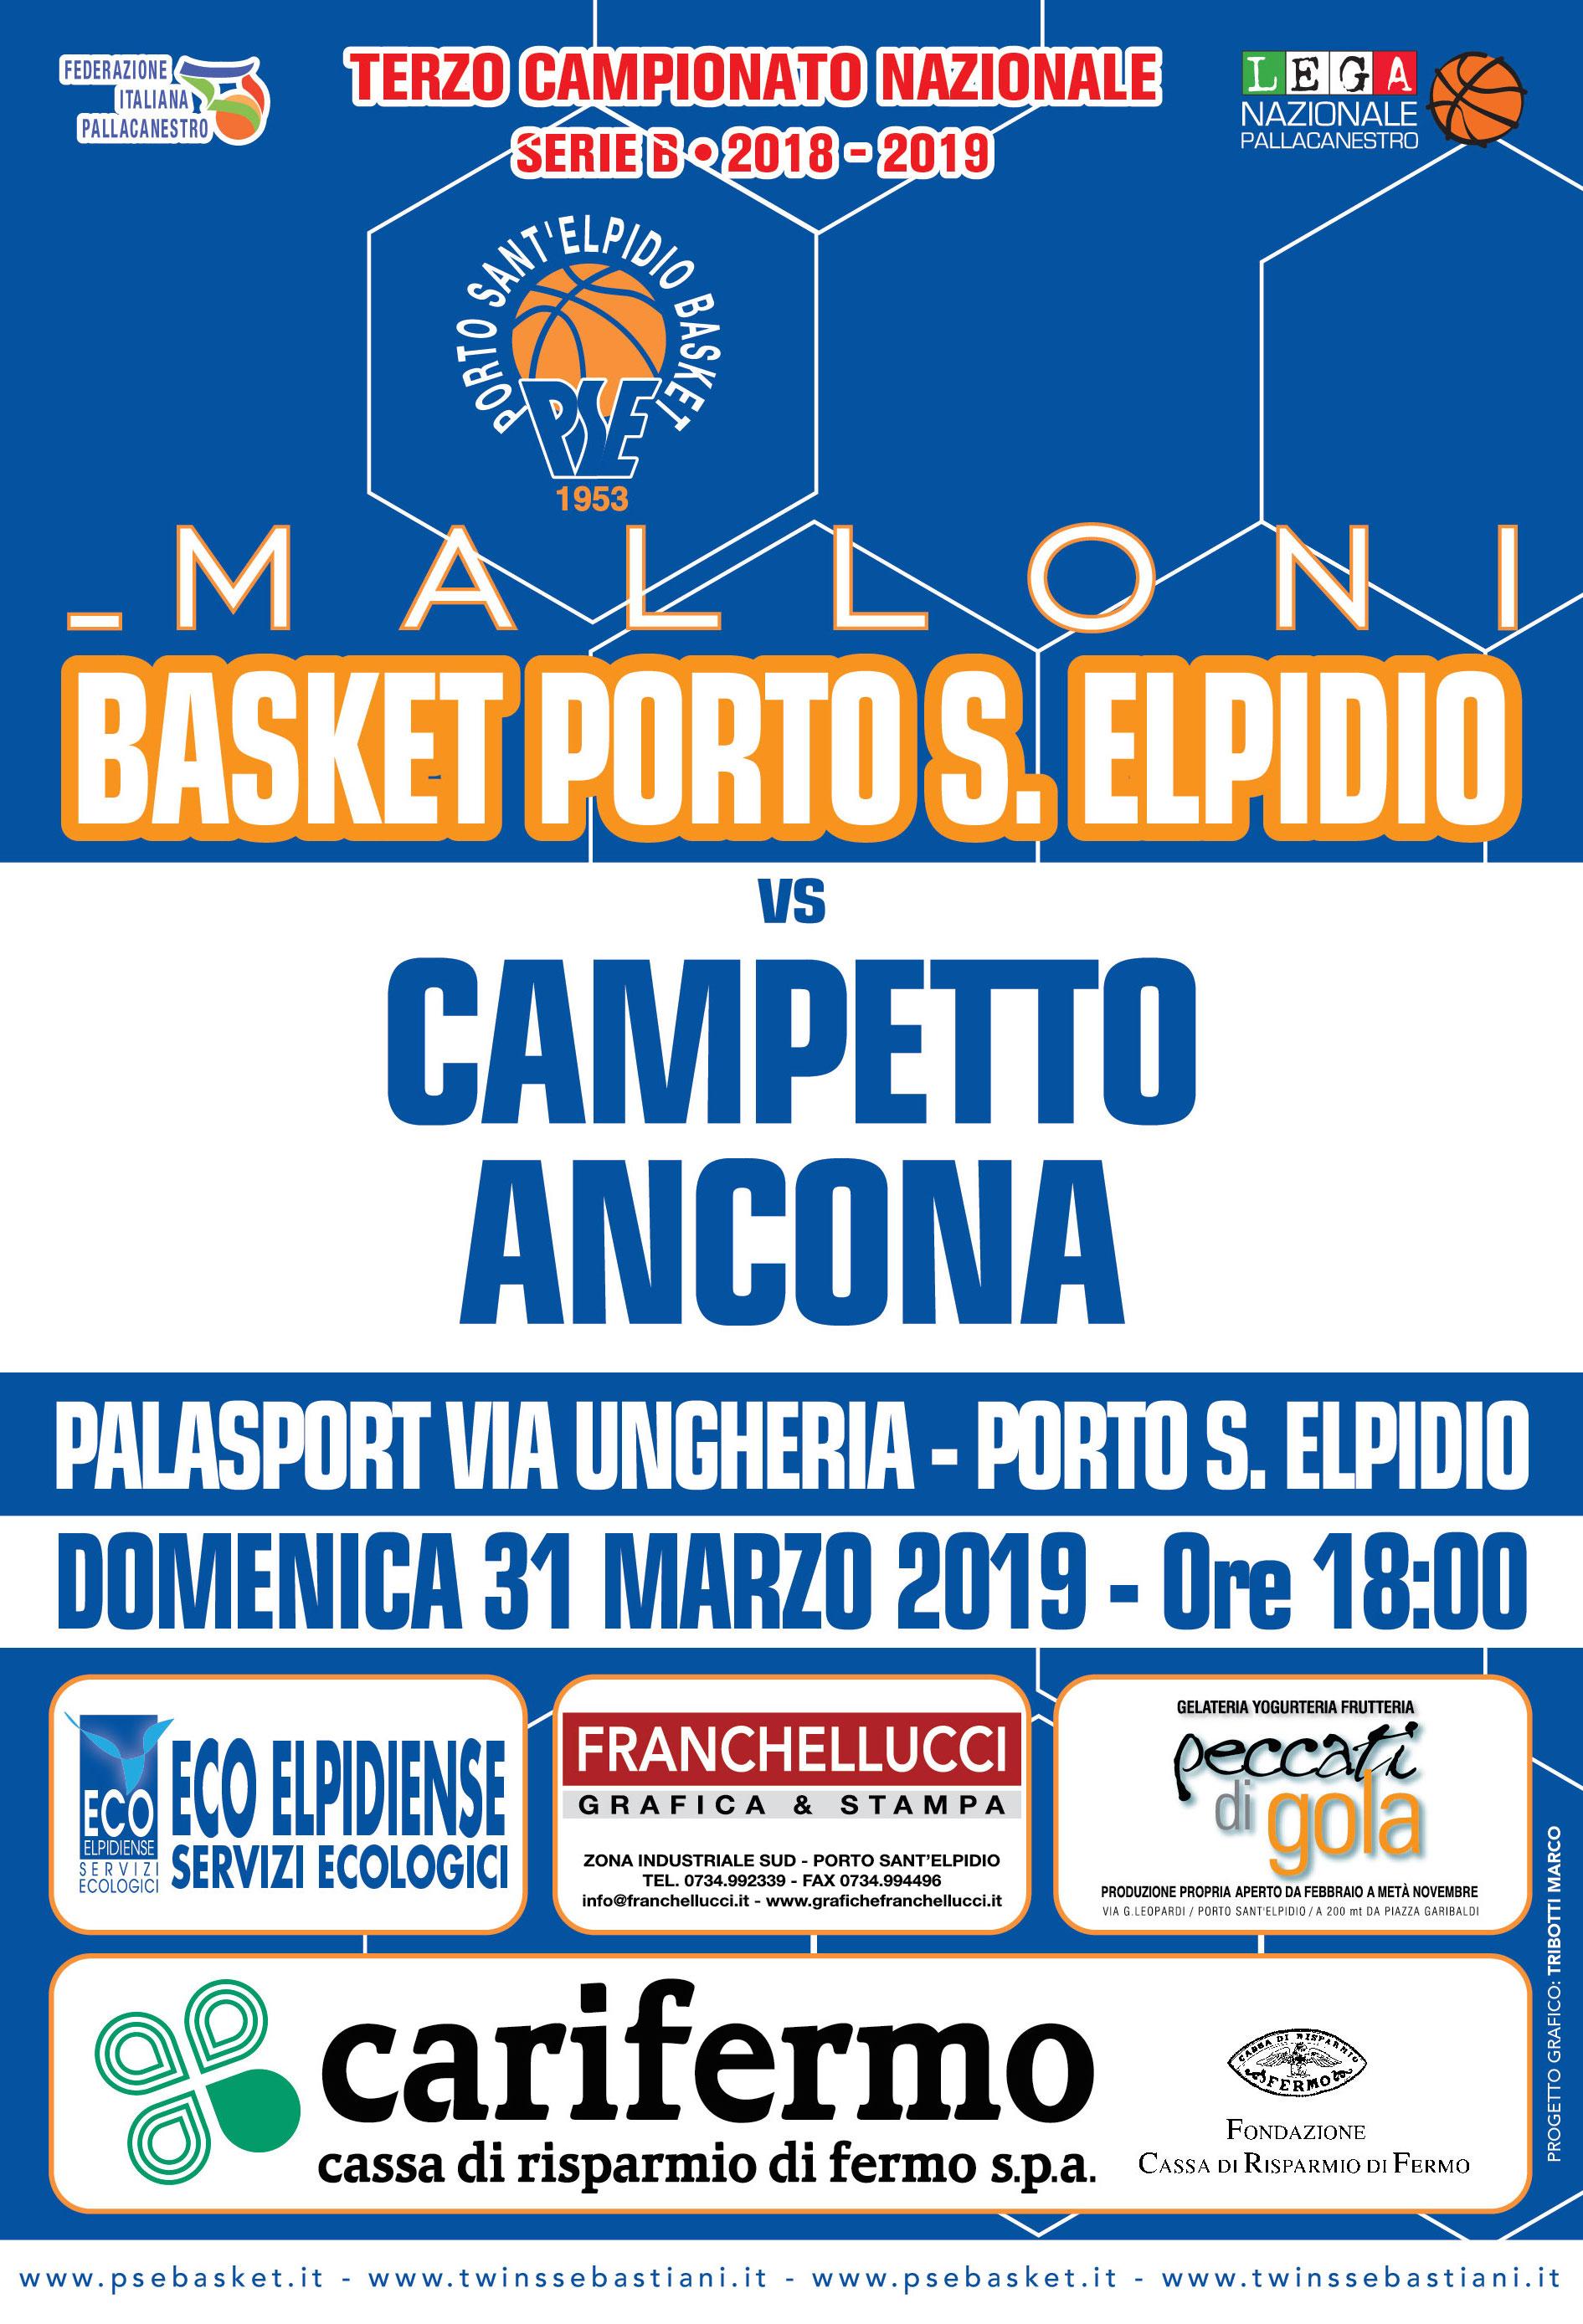 Derby Malloni P.S.Elpidio - Campetto Ancona: le disposizioni d'ingresso al Palas